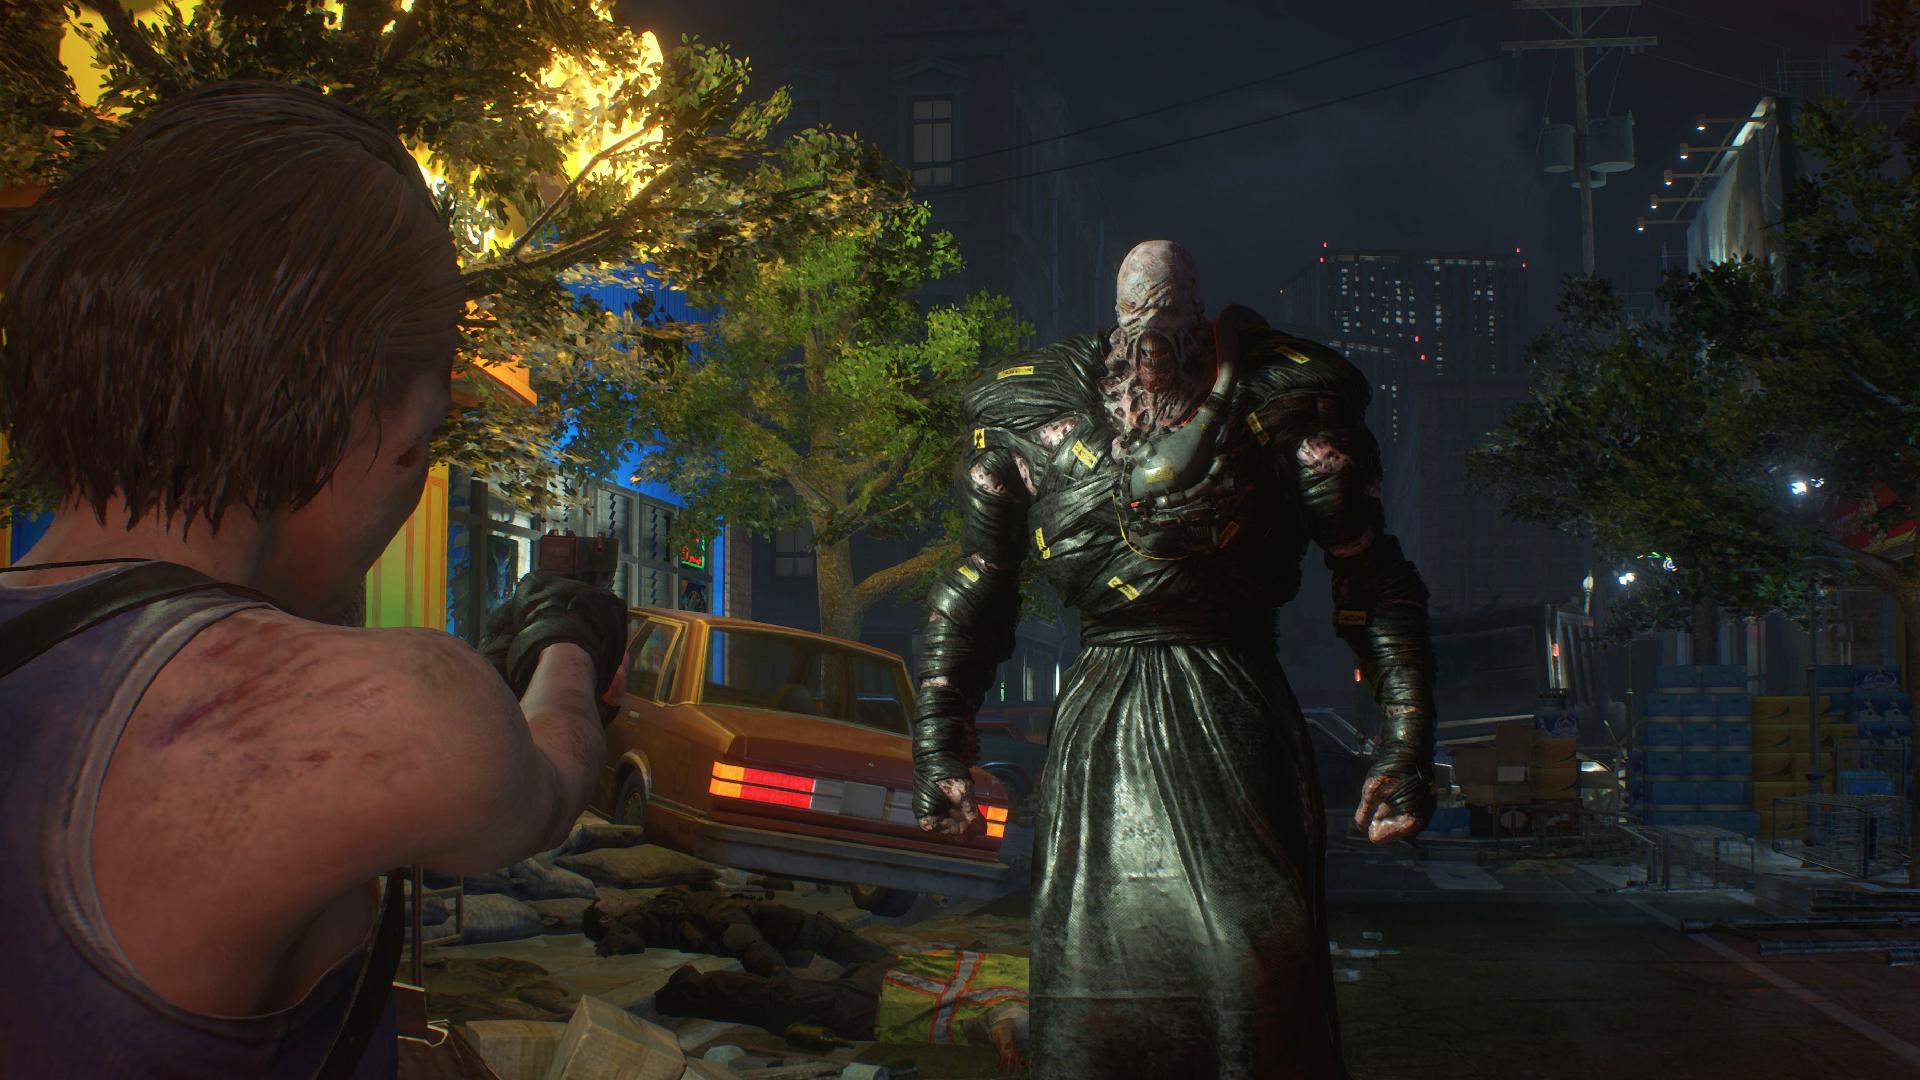 Resident Evil 3 Esrb Rating Details All Violent Deaths Blood And Gore